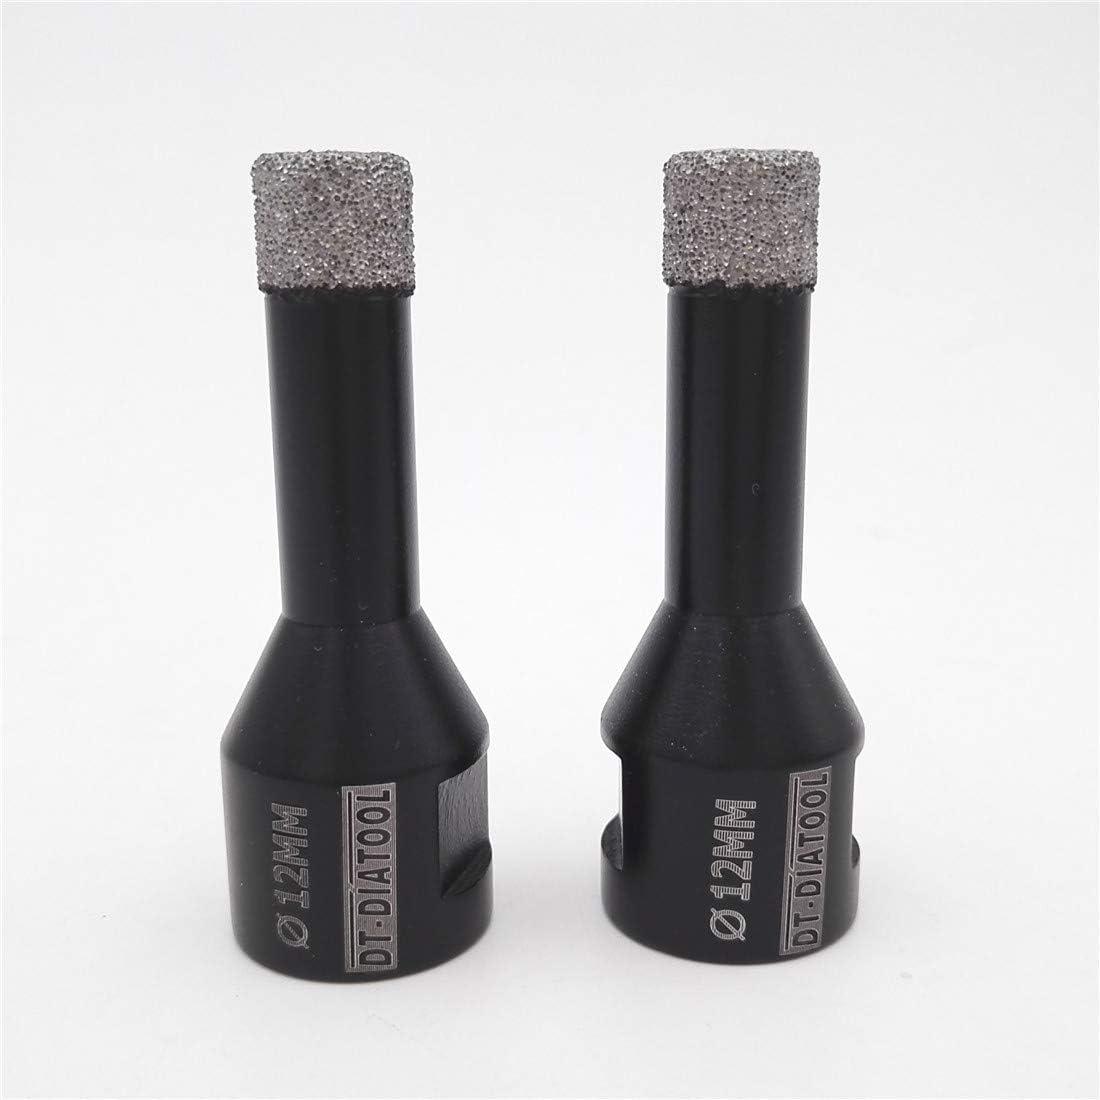 DT-DIATOOL Foret Diamant 6mm Scie Cloche pour Forage /à Sec Carrelage Porcelaine Marbre C/éramique Granit